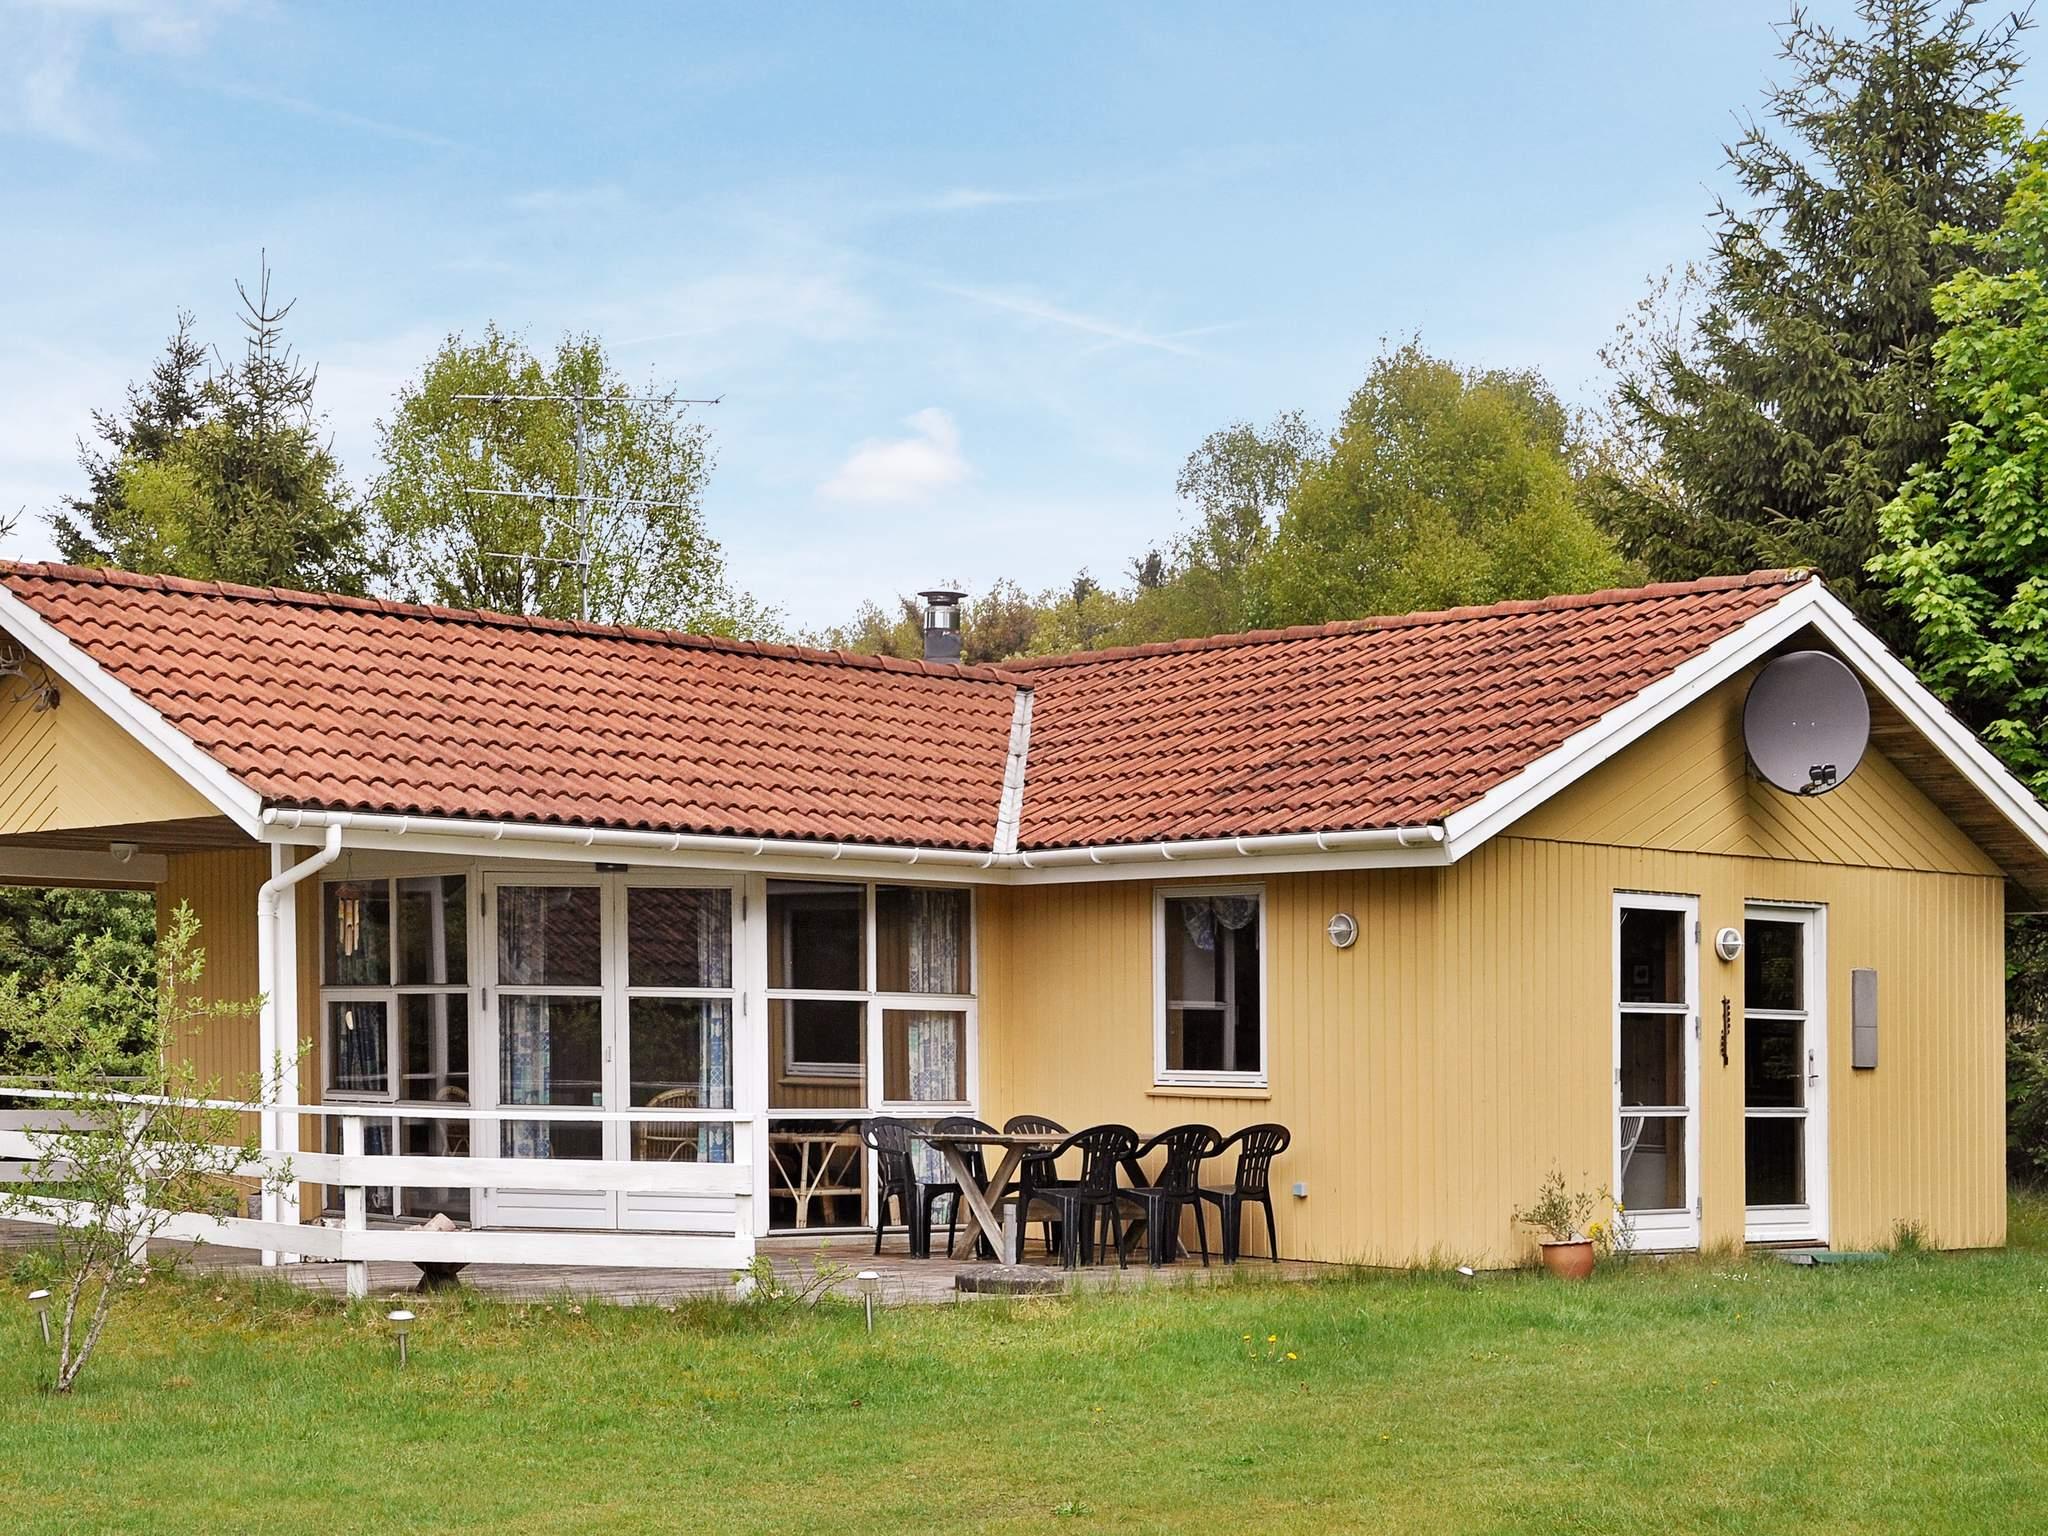 Ferienhaus Silkeborg (995795), Silkeborg, , Ostjütland, Dänemark, Bild 1